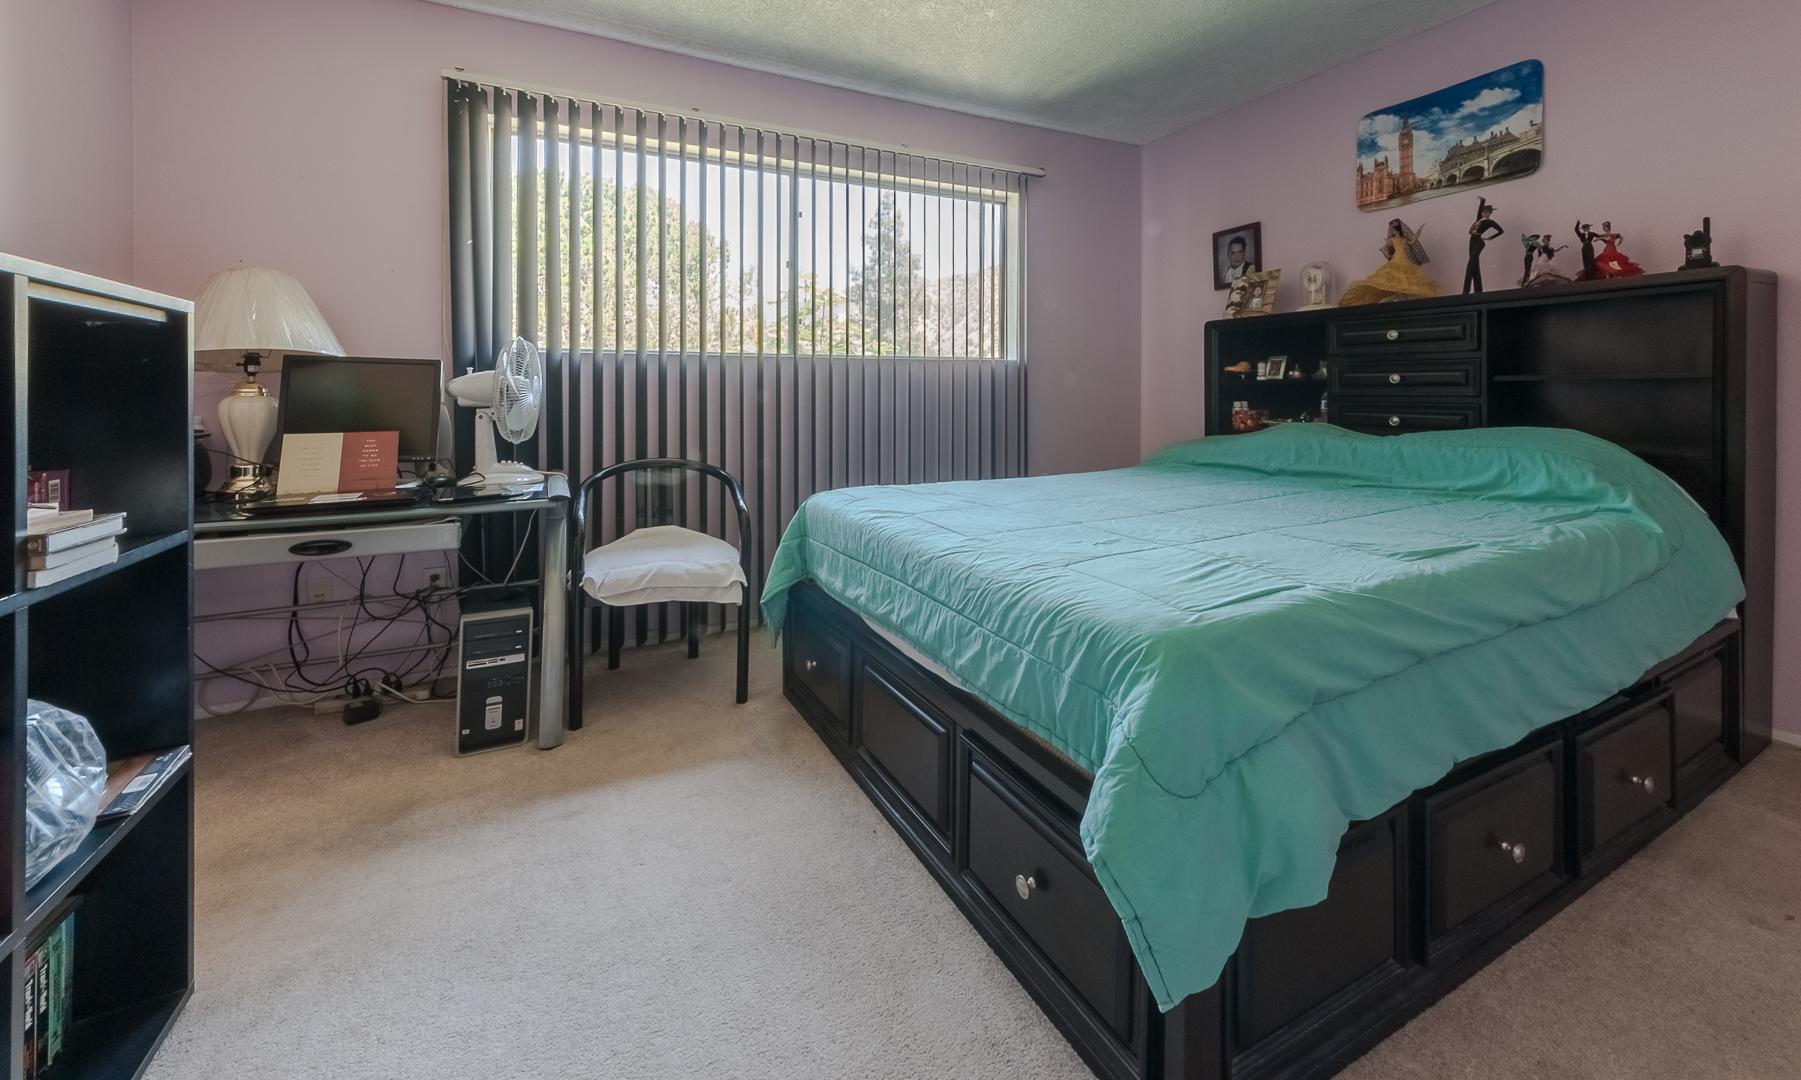 11 - Bedroom